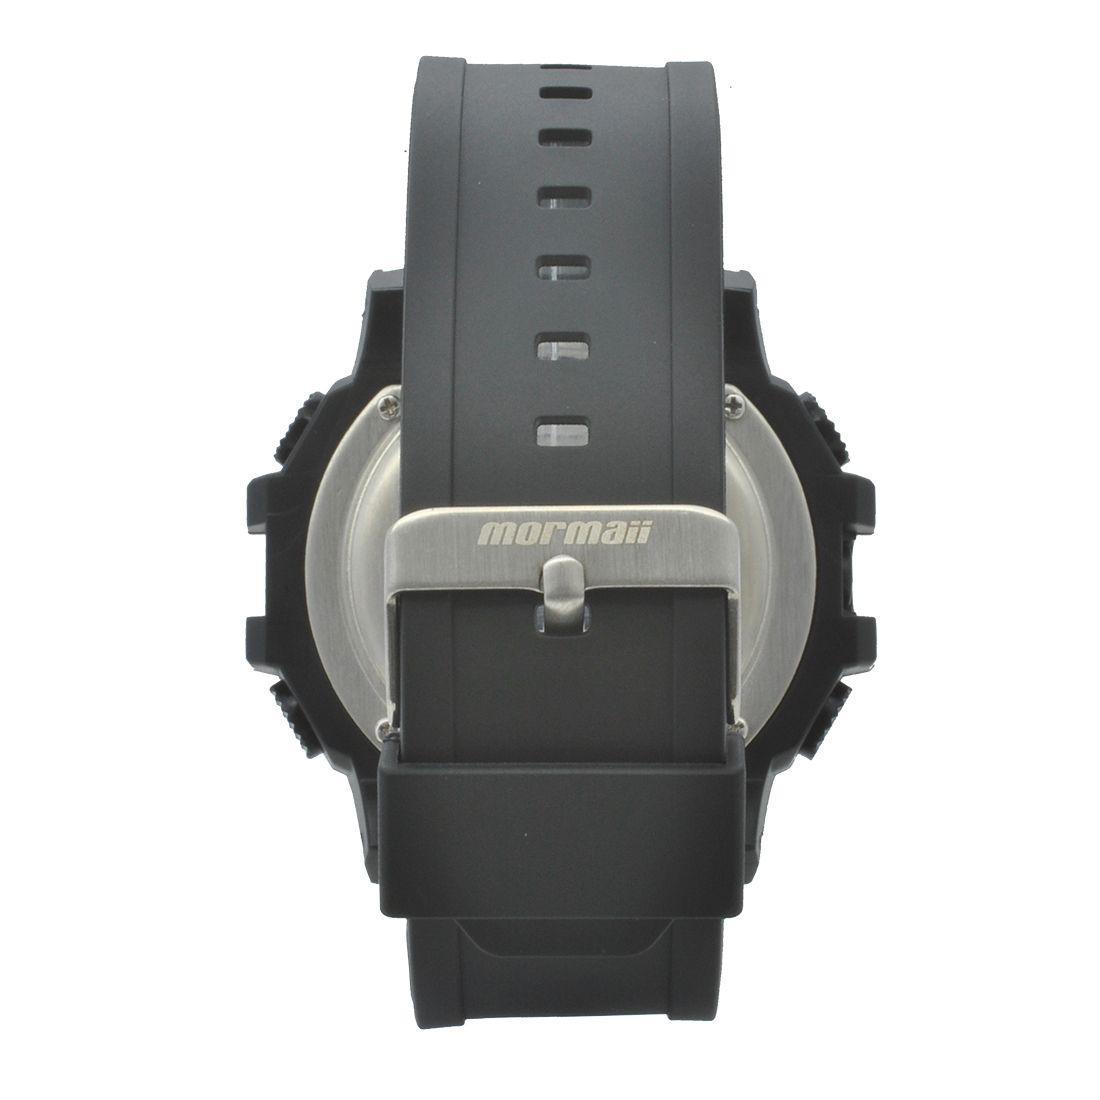 0443e7f5f921b Relógio de Pulso Mormaii Esportivo Masculino MO3690AA 8C - Preto R  240,00  à vista. Adicionar à sacola